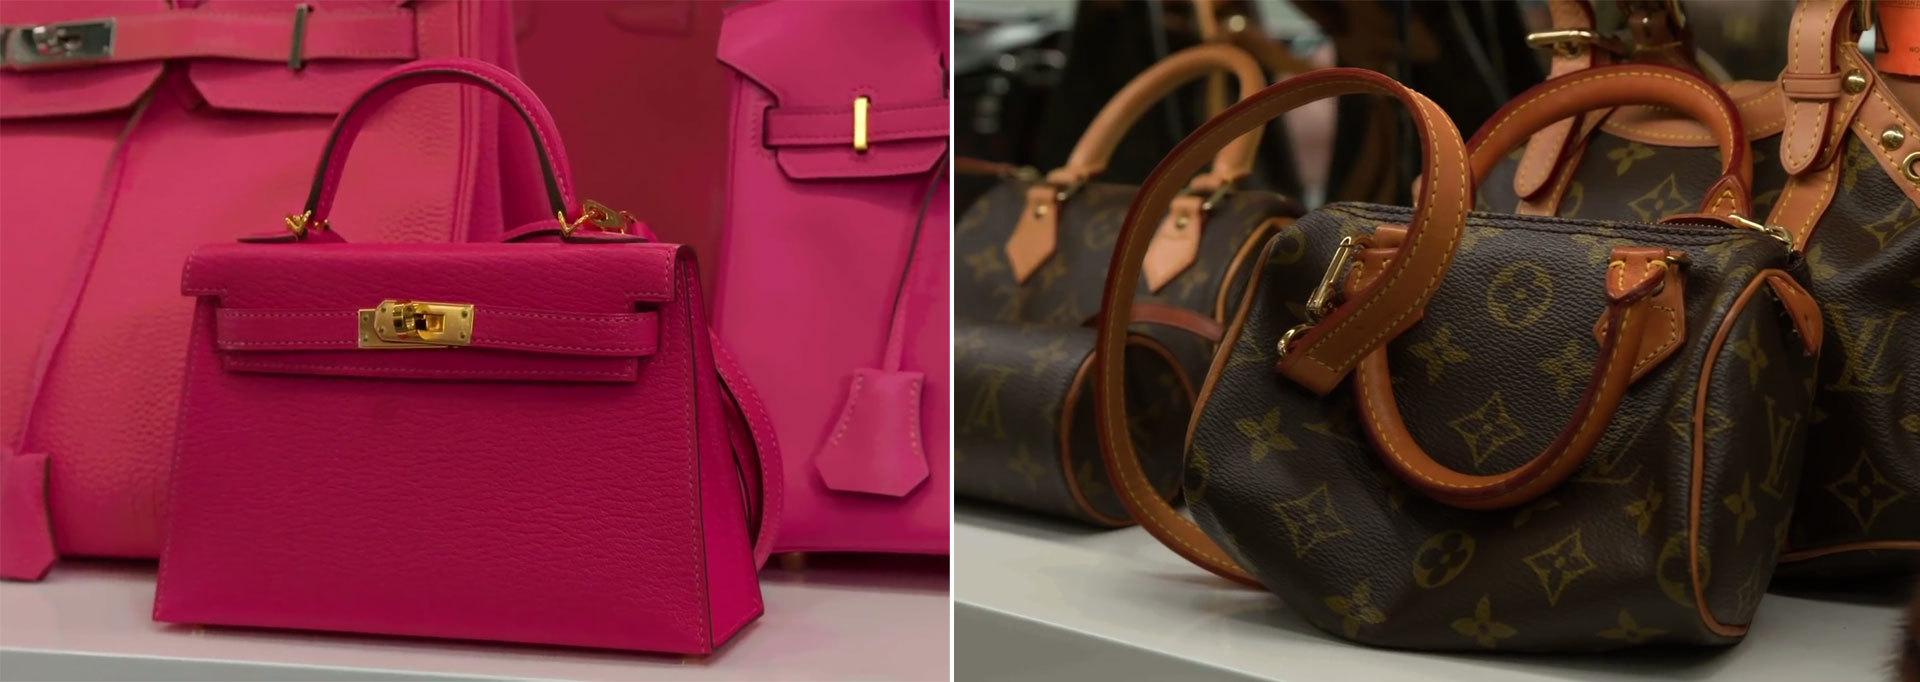 A la izquierda el modelo de Hermes y a la derecha el de Louis Vuitton...